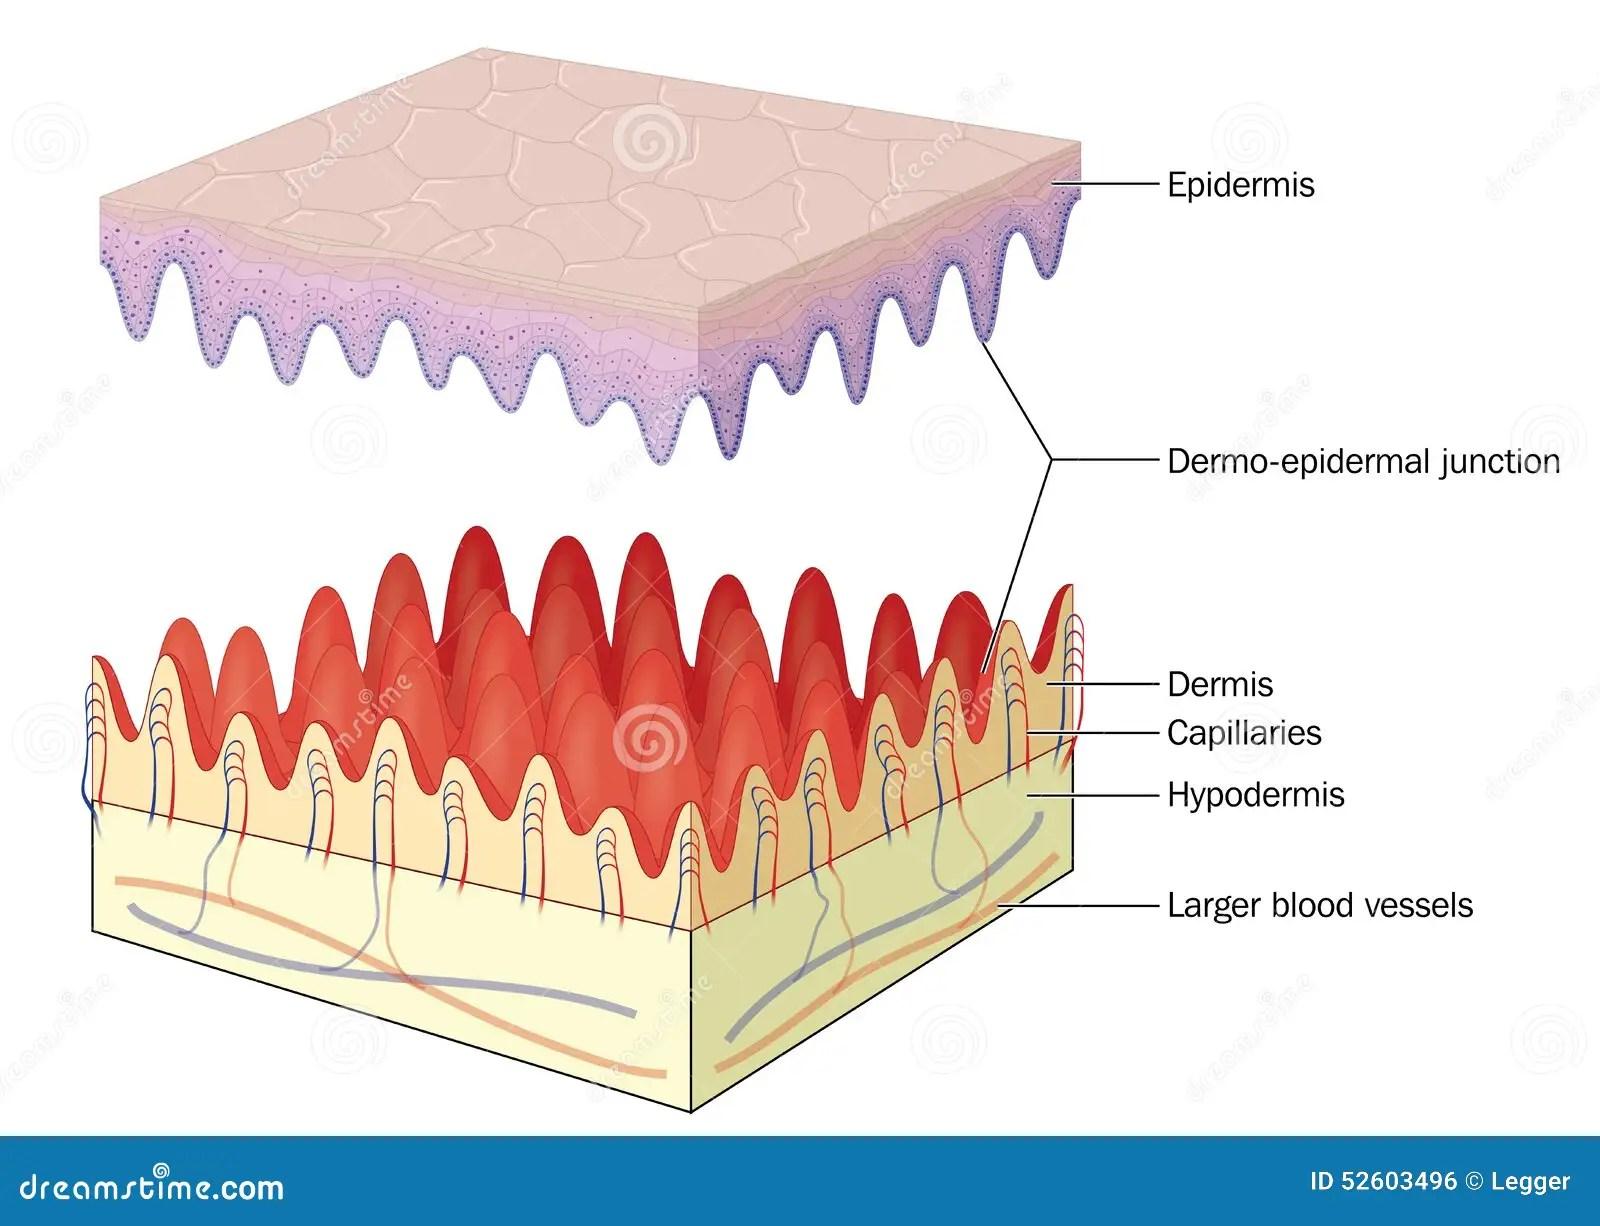 Skin Epidermal Dermal Junction Stock Vector